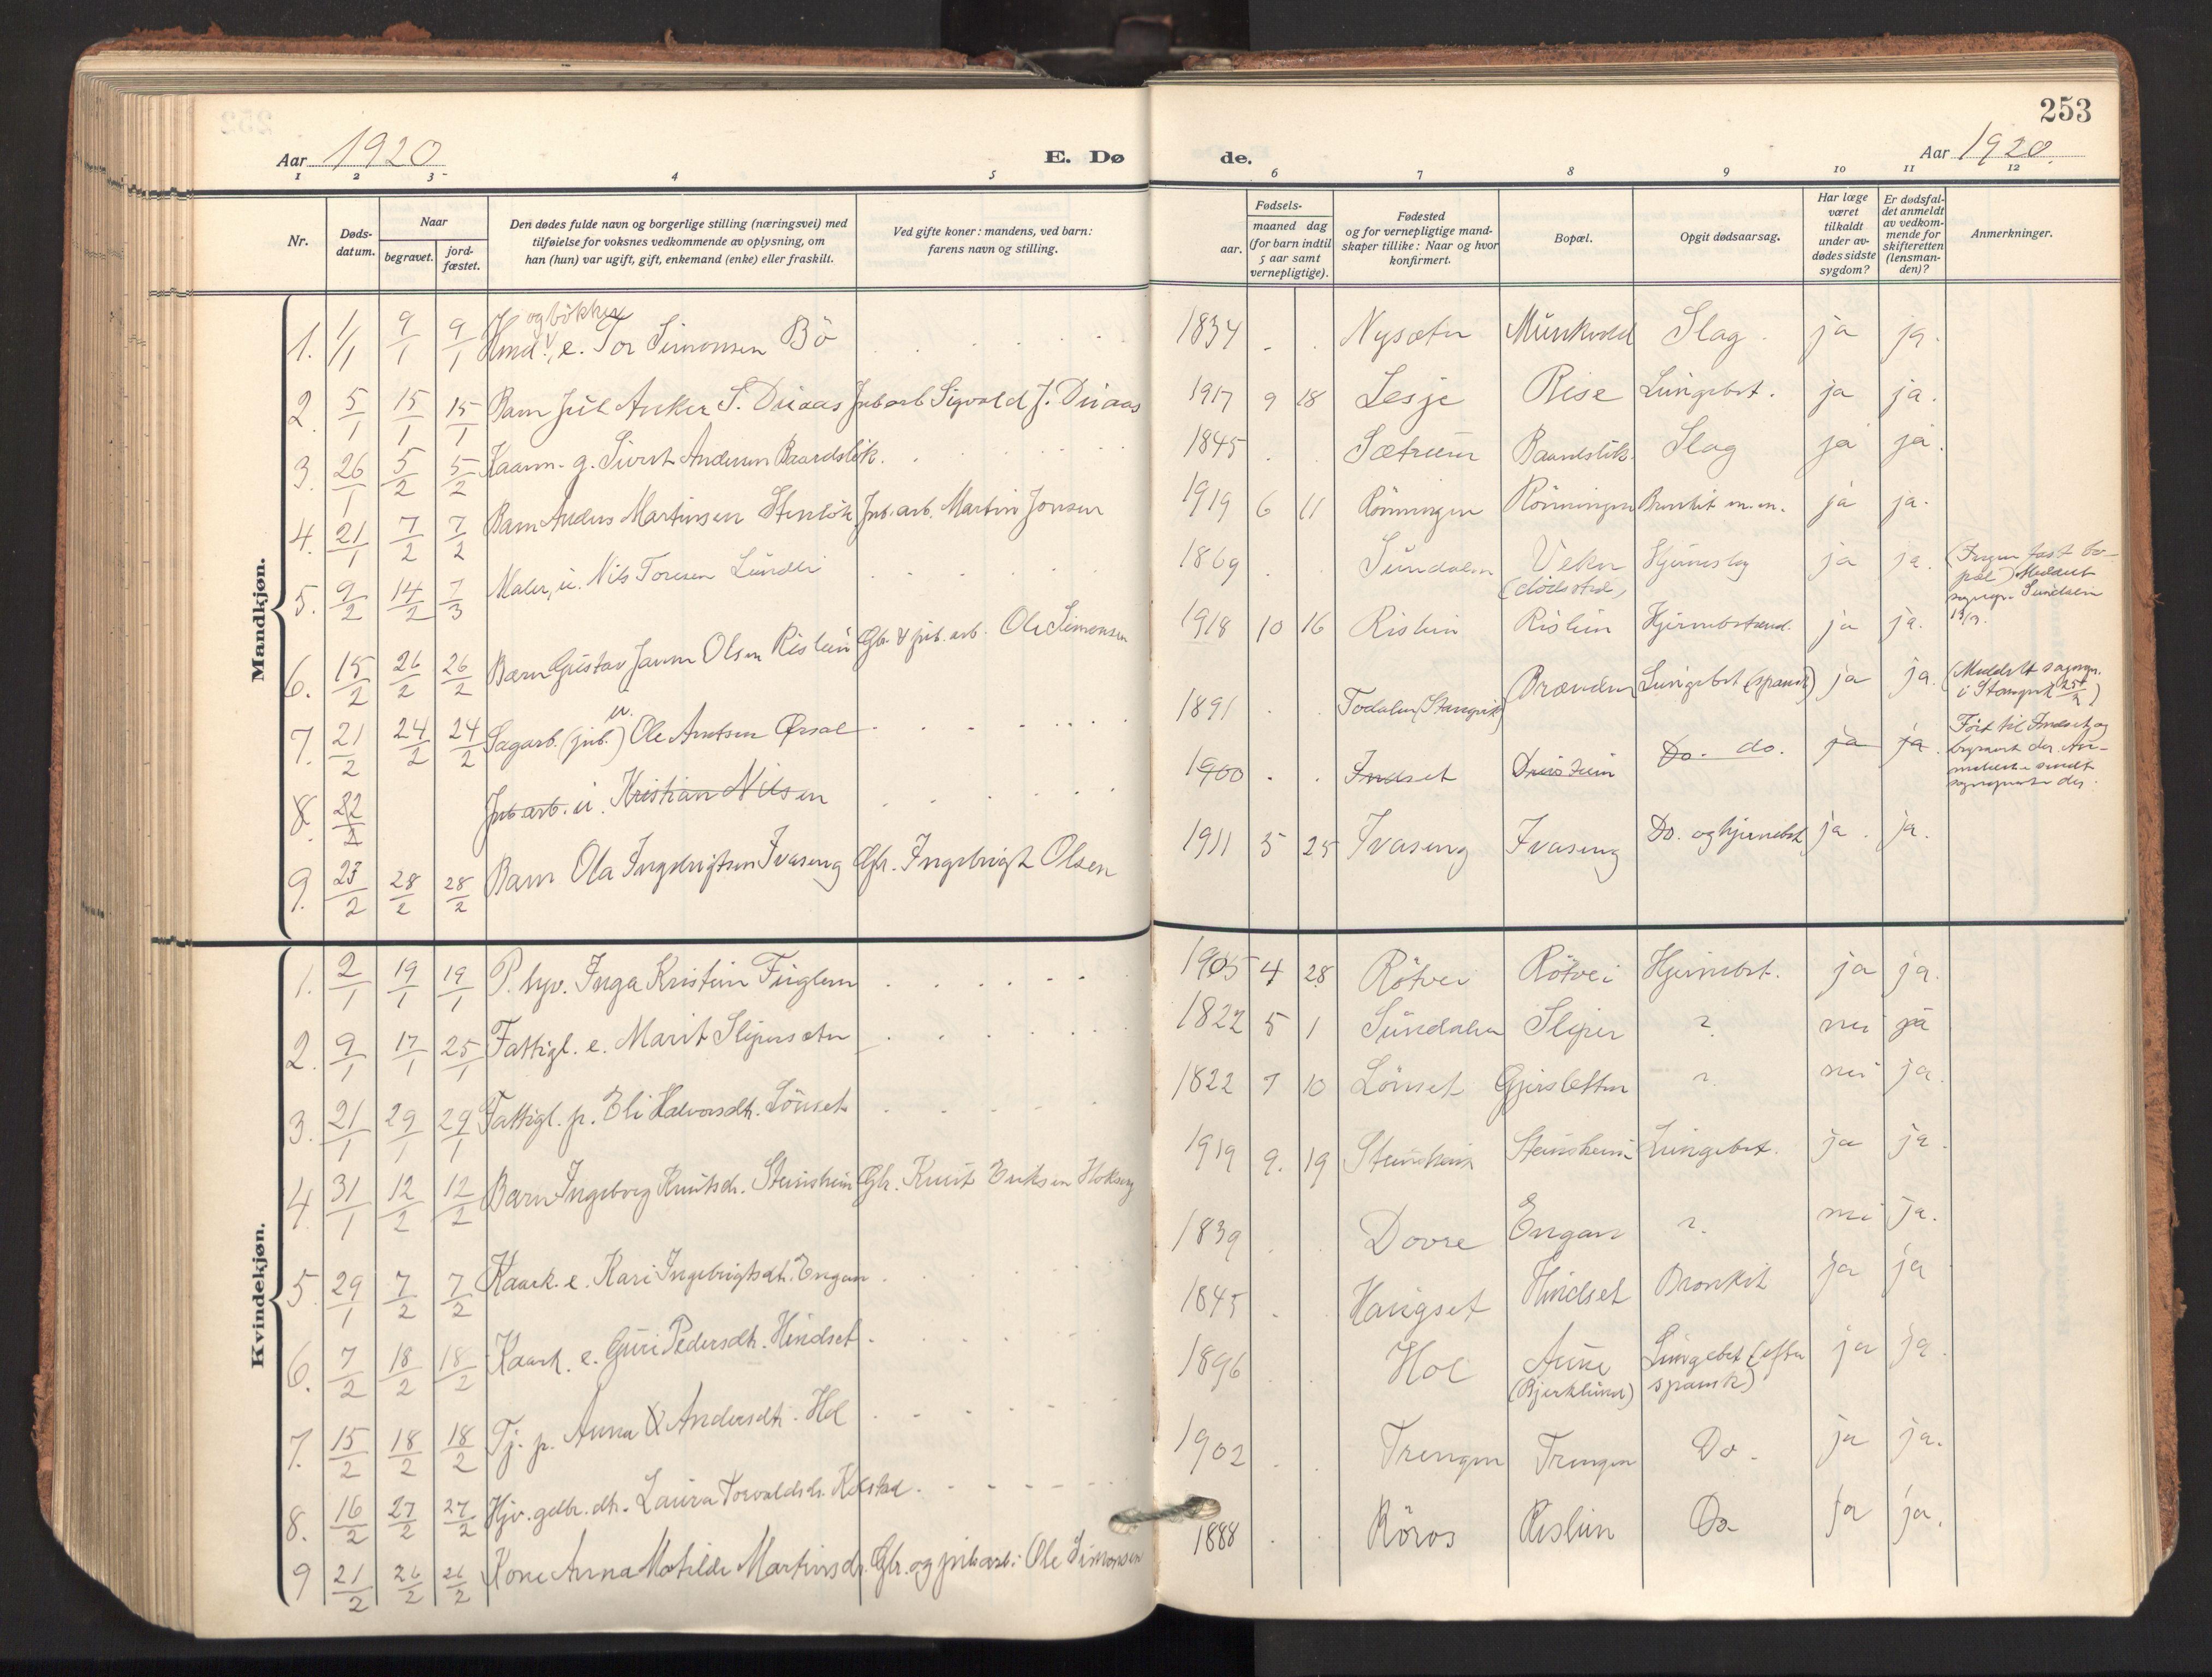 SAT, Ministerialprotokoller, klokkerbøker og fødselsregistre - Sør-Trøndelag, 678/L0909: Ministerialbok nr. 678A17, 1912-1930, s. 253